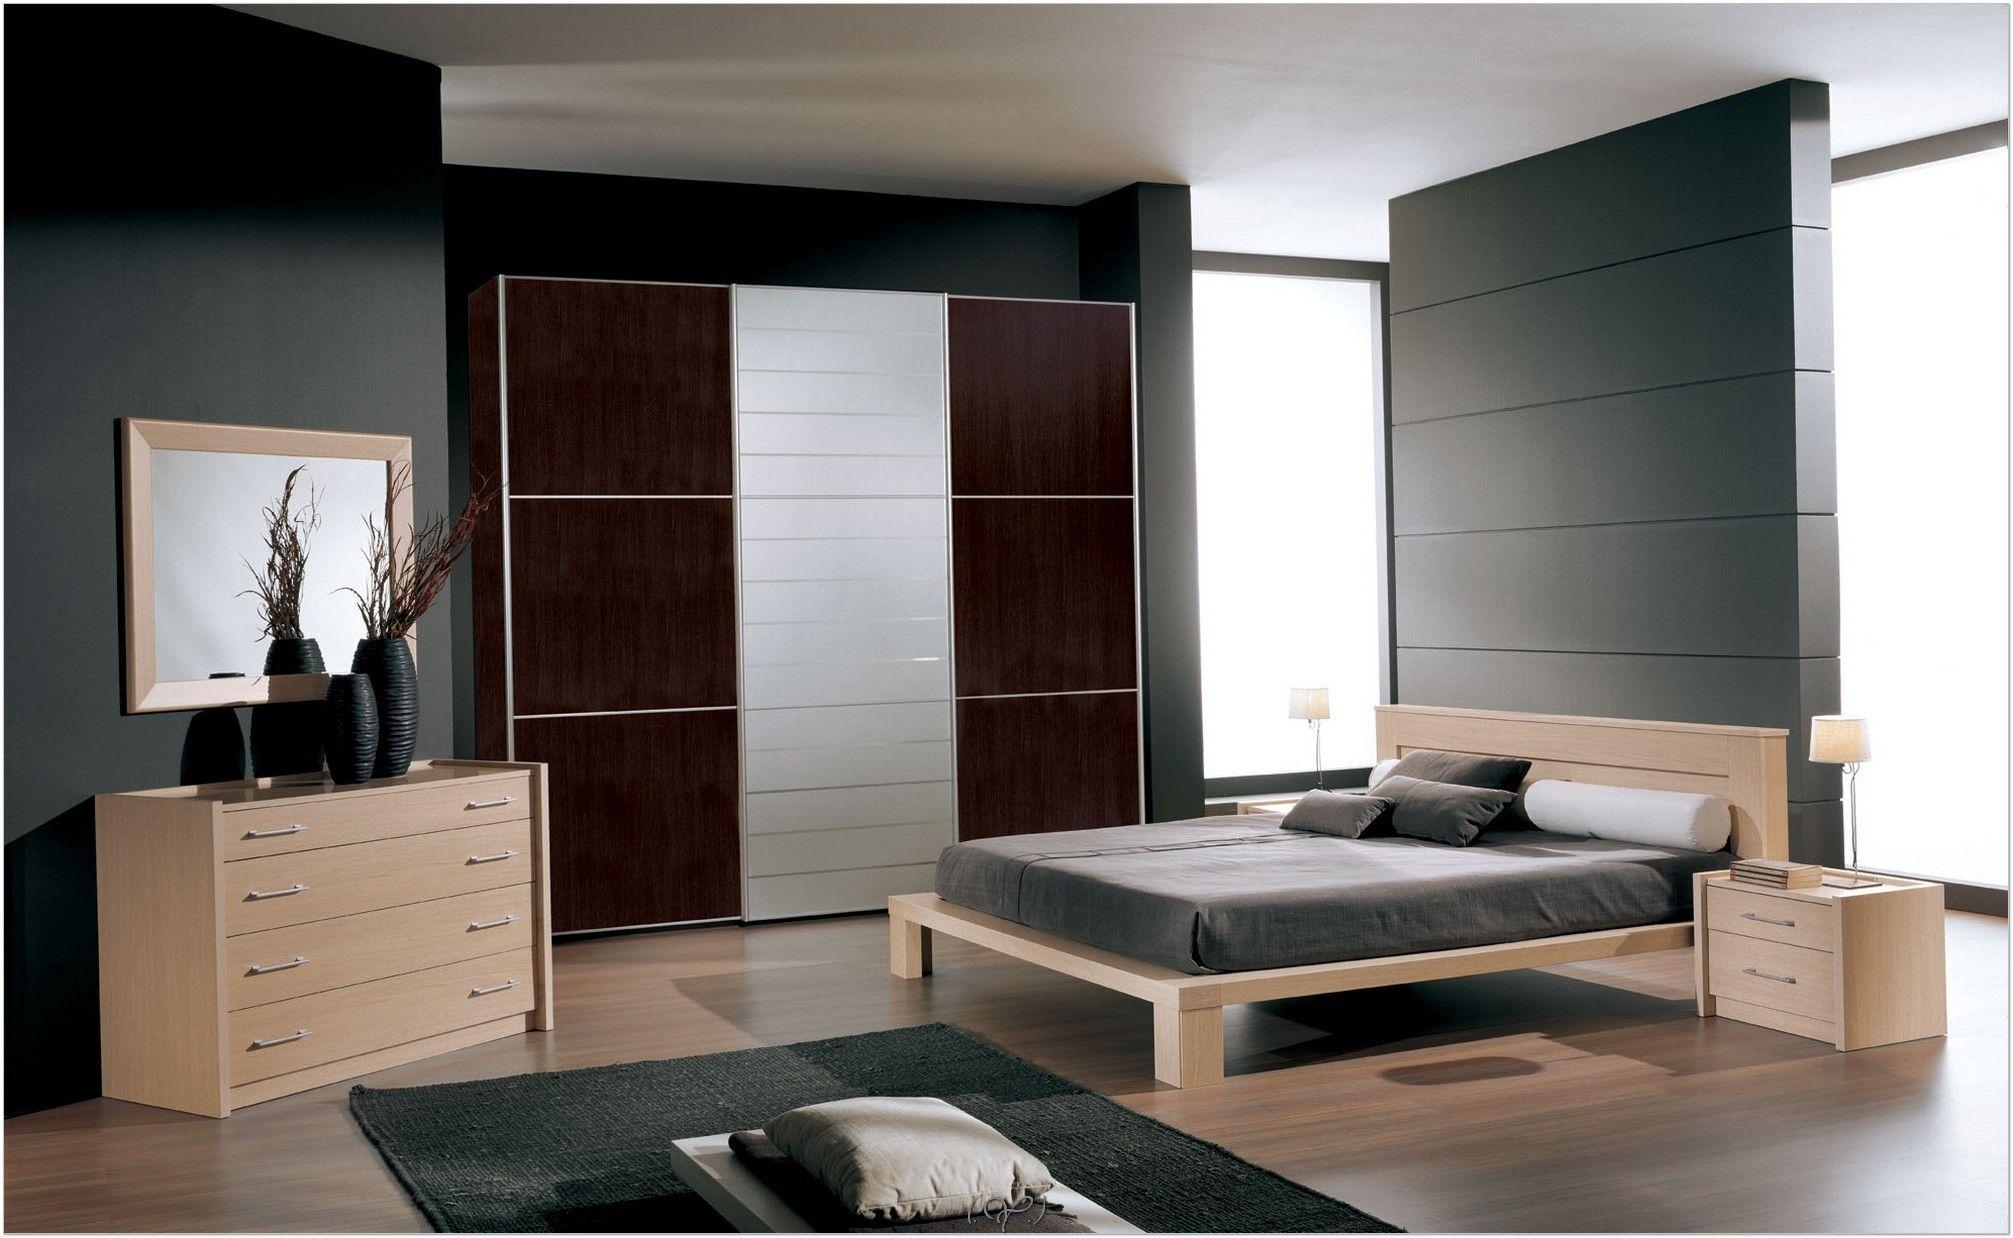 Modernmasterbedroominteriordesignromanticbedroomideasfor